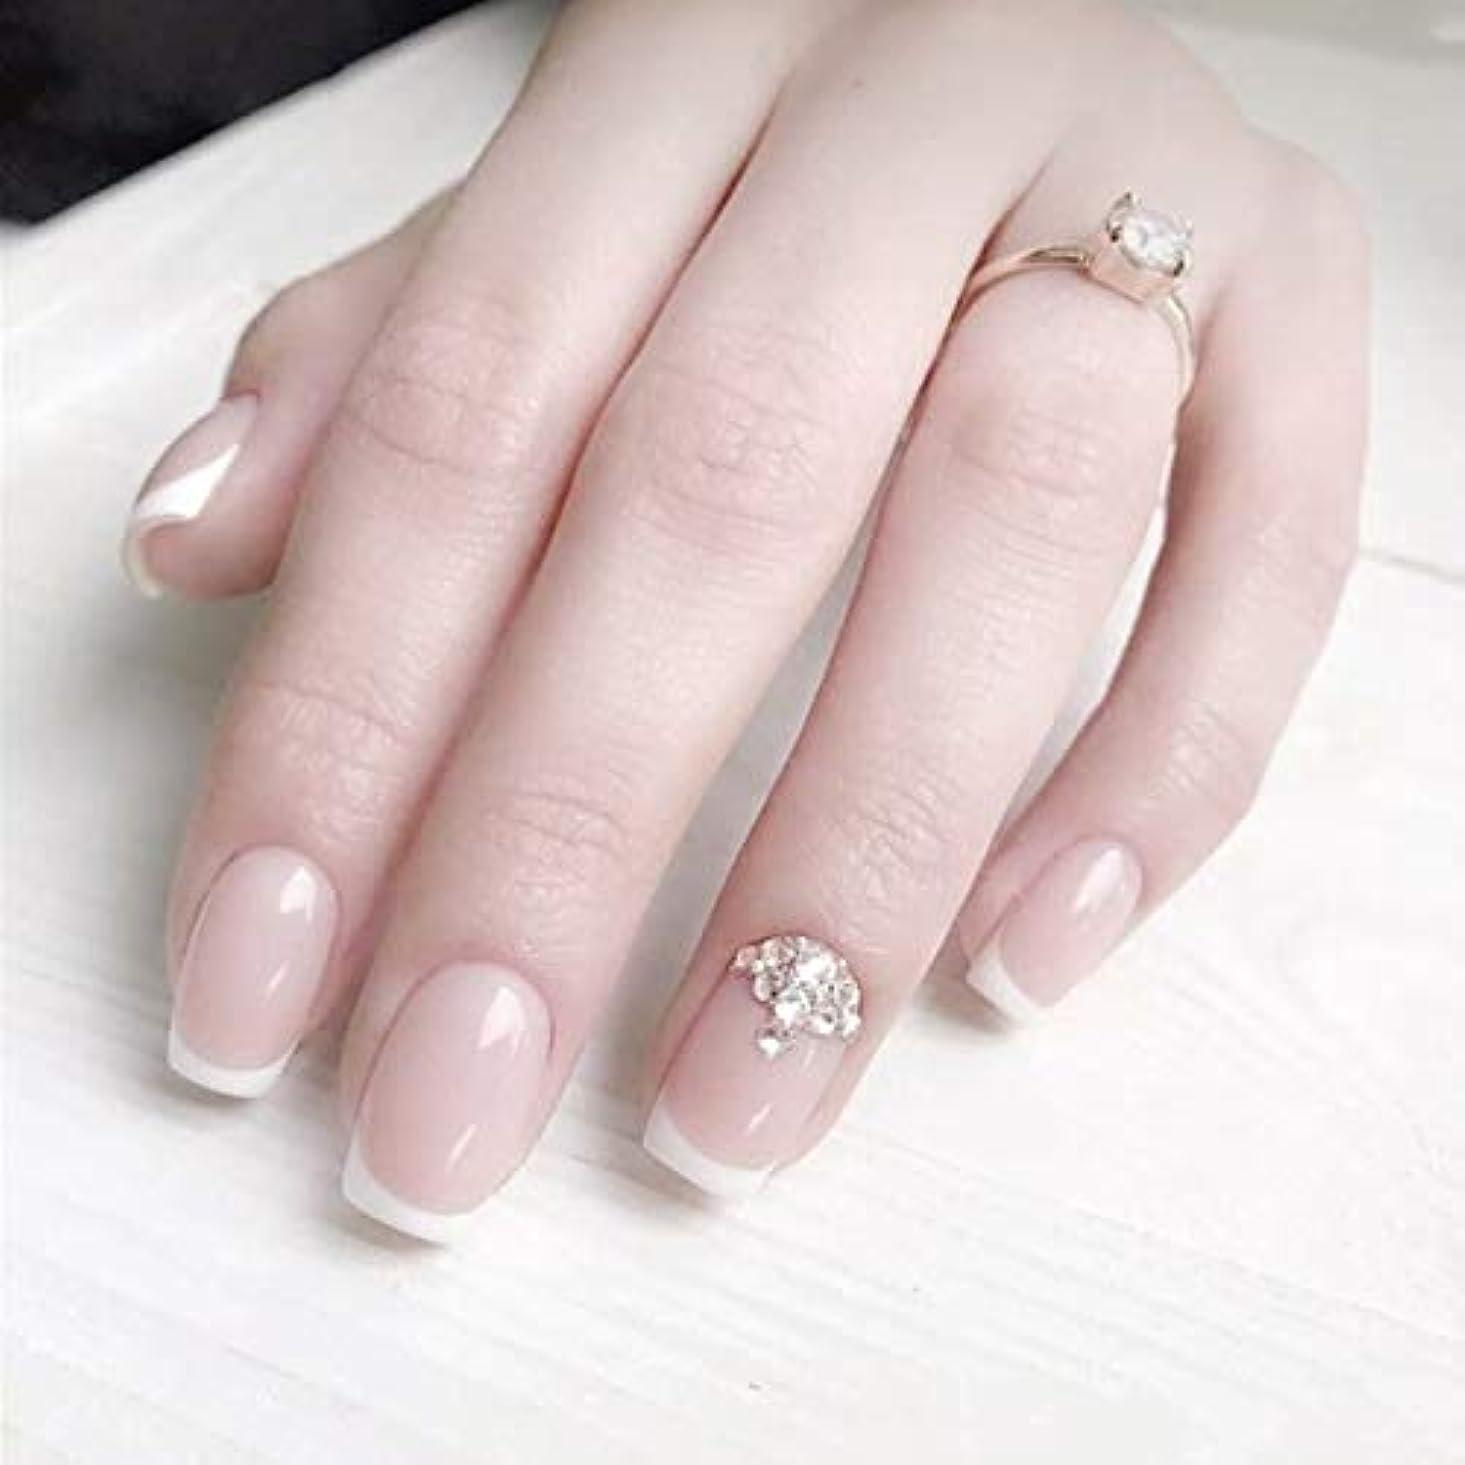 アブストラクトショート崇拝しますロマンチックのフランス風ネイルチップ 付け爪 花嫁ネイルパーツ つけ爪 ネイルジュエリー ネイルアート